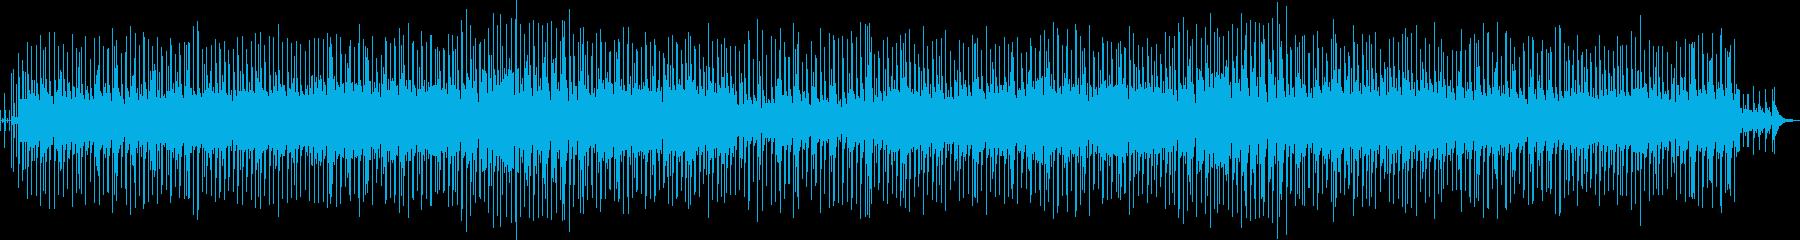 心に響くアコースティック曲の再生済みの波形